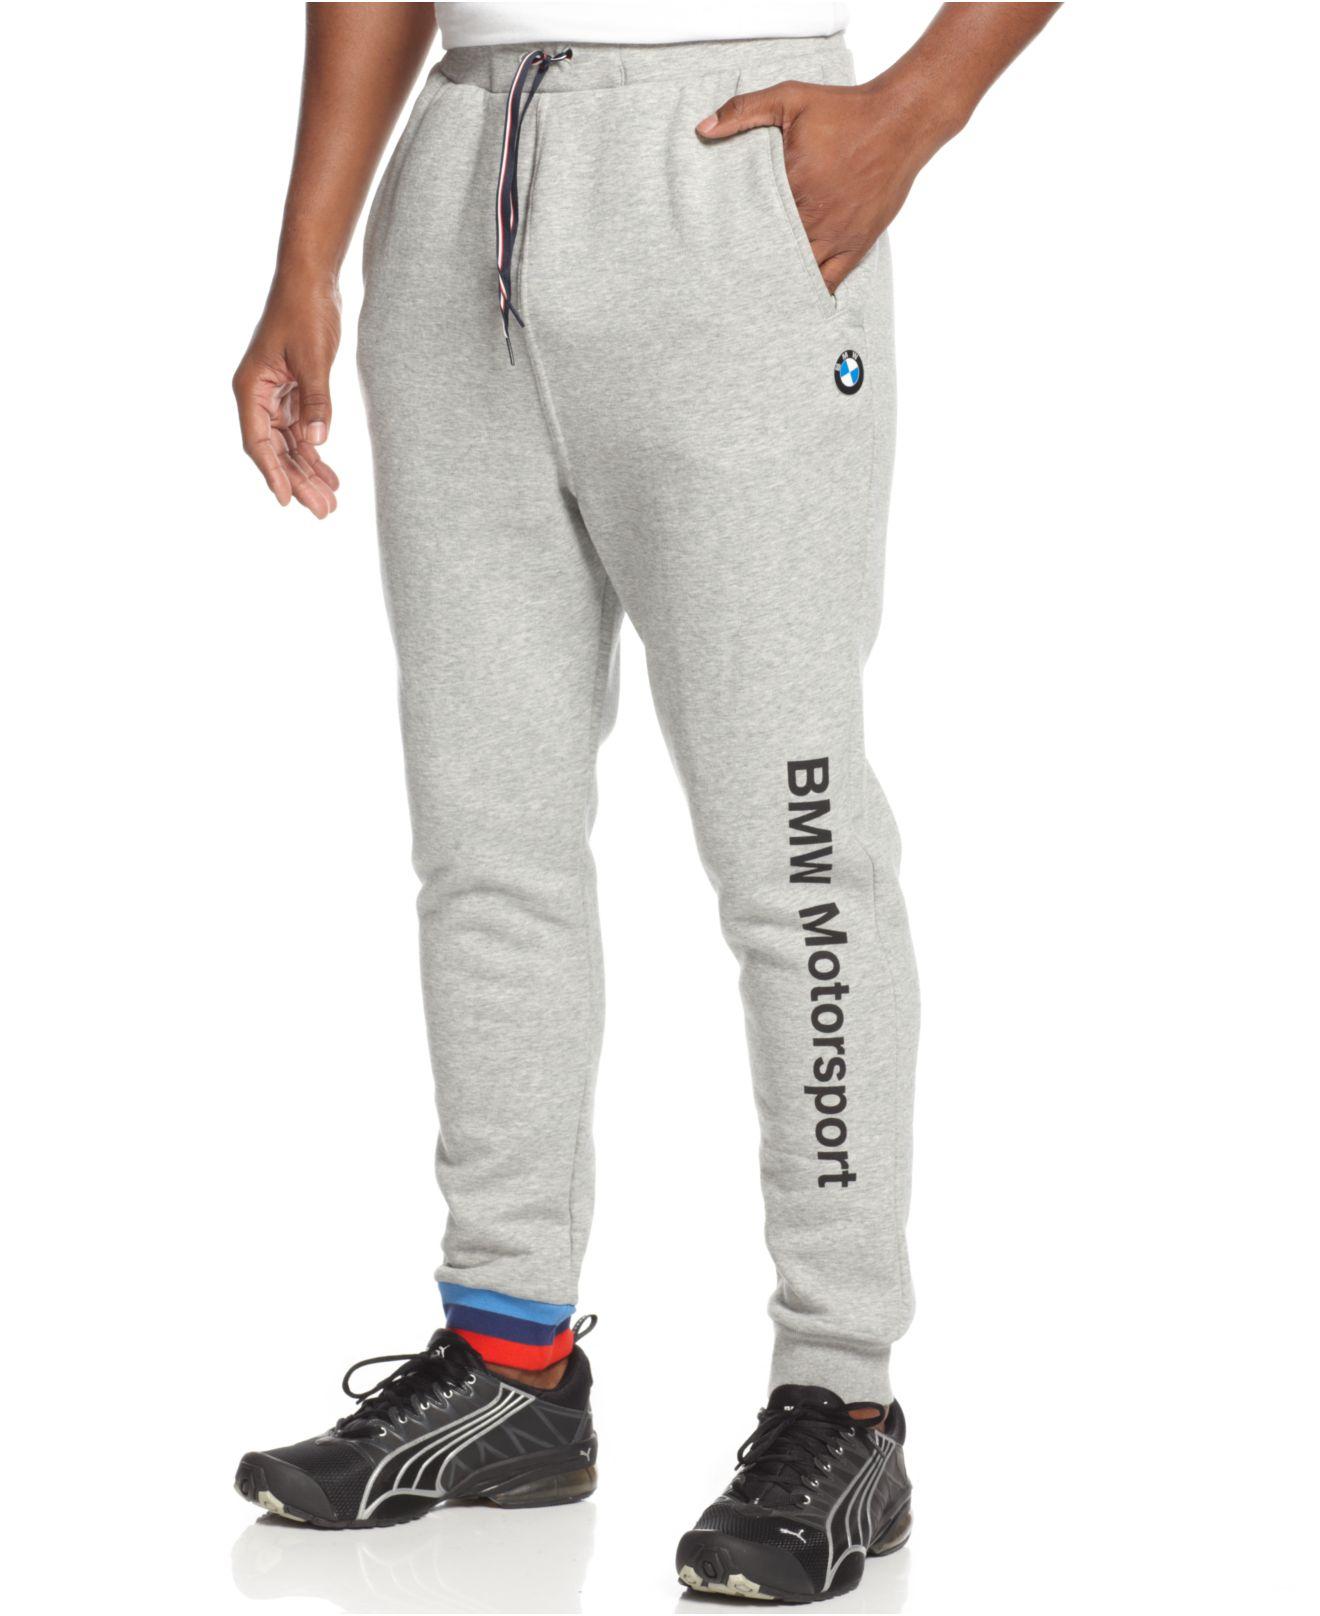 Bmw Jogging Suits